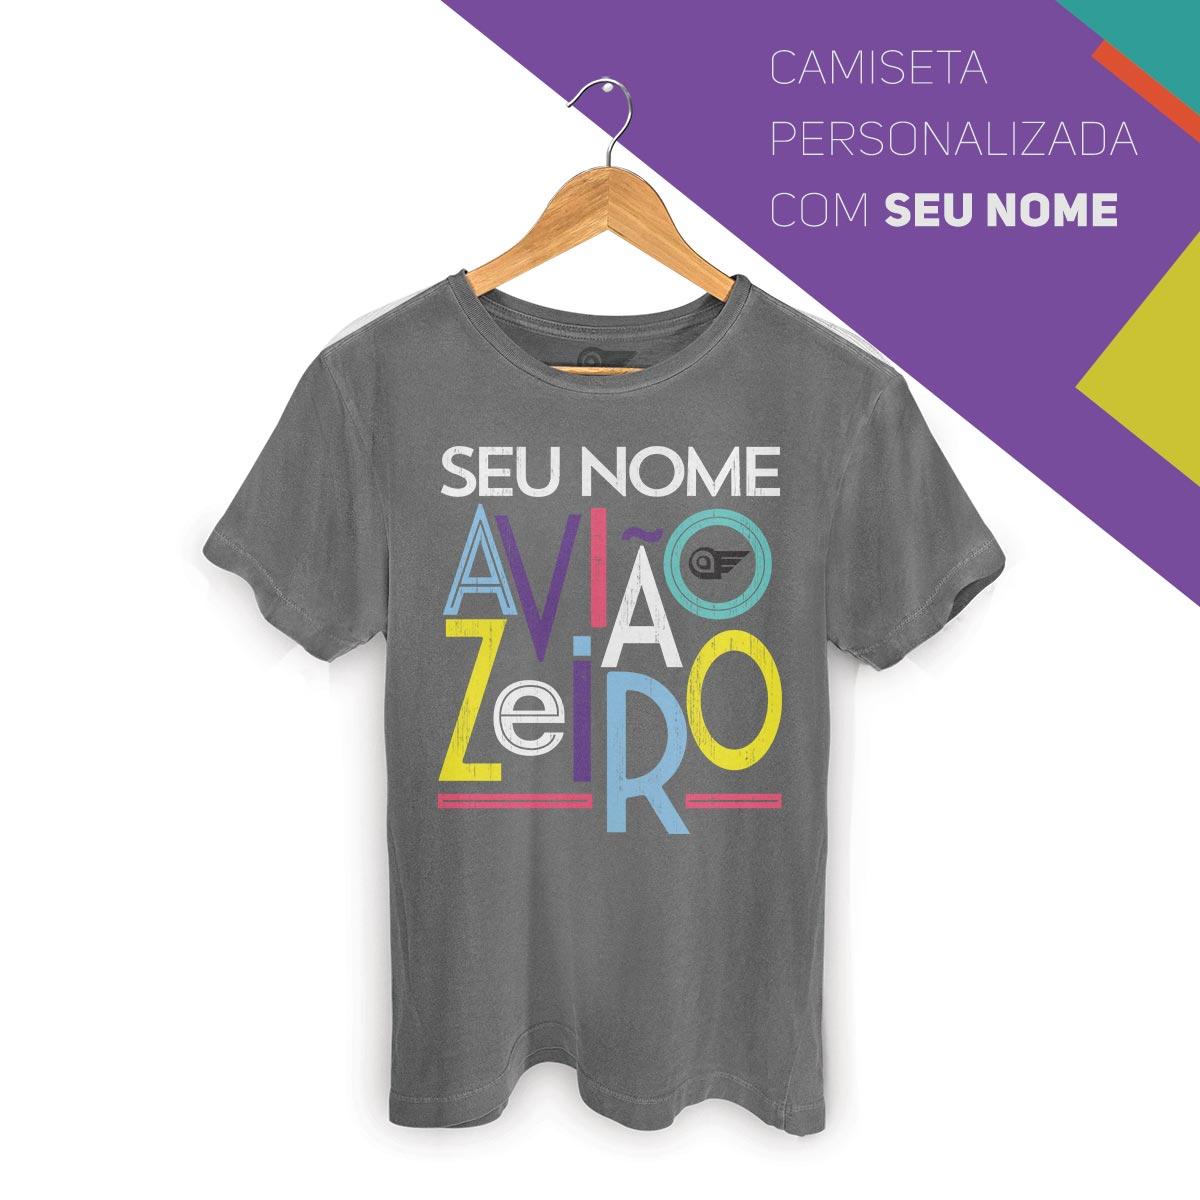 T-shirt Premium Masculina Aviões do Forró Aviãozeiro